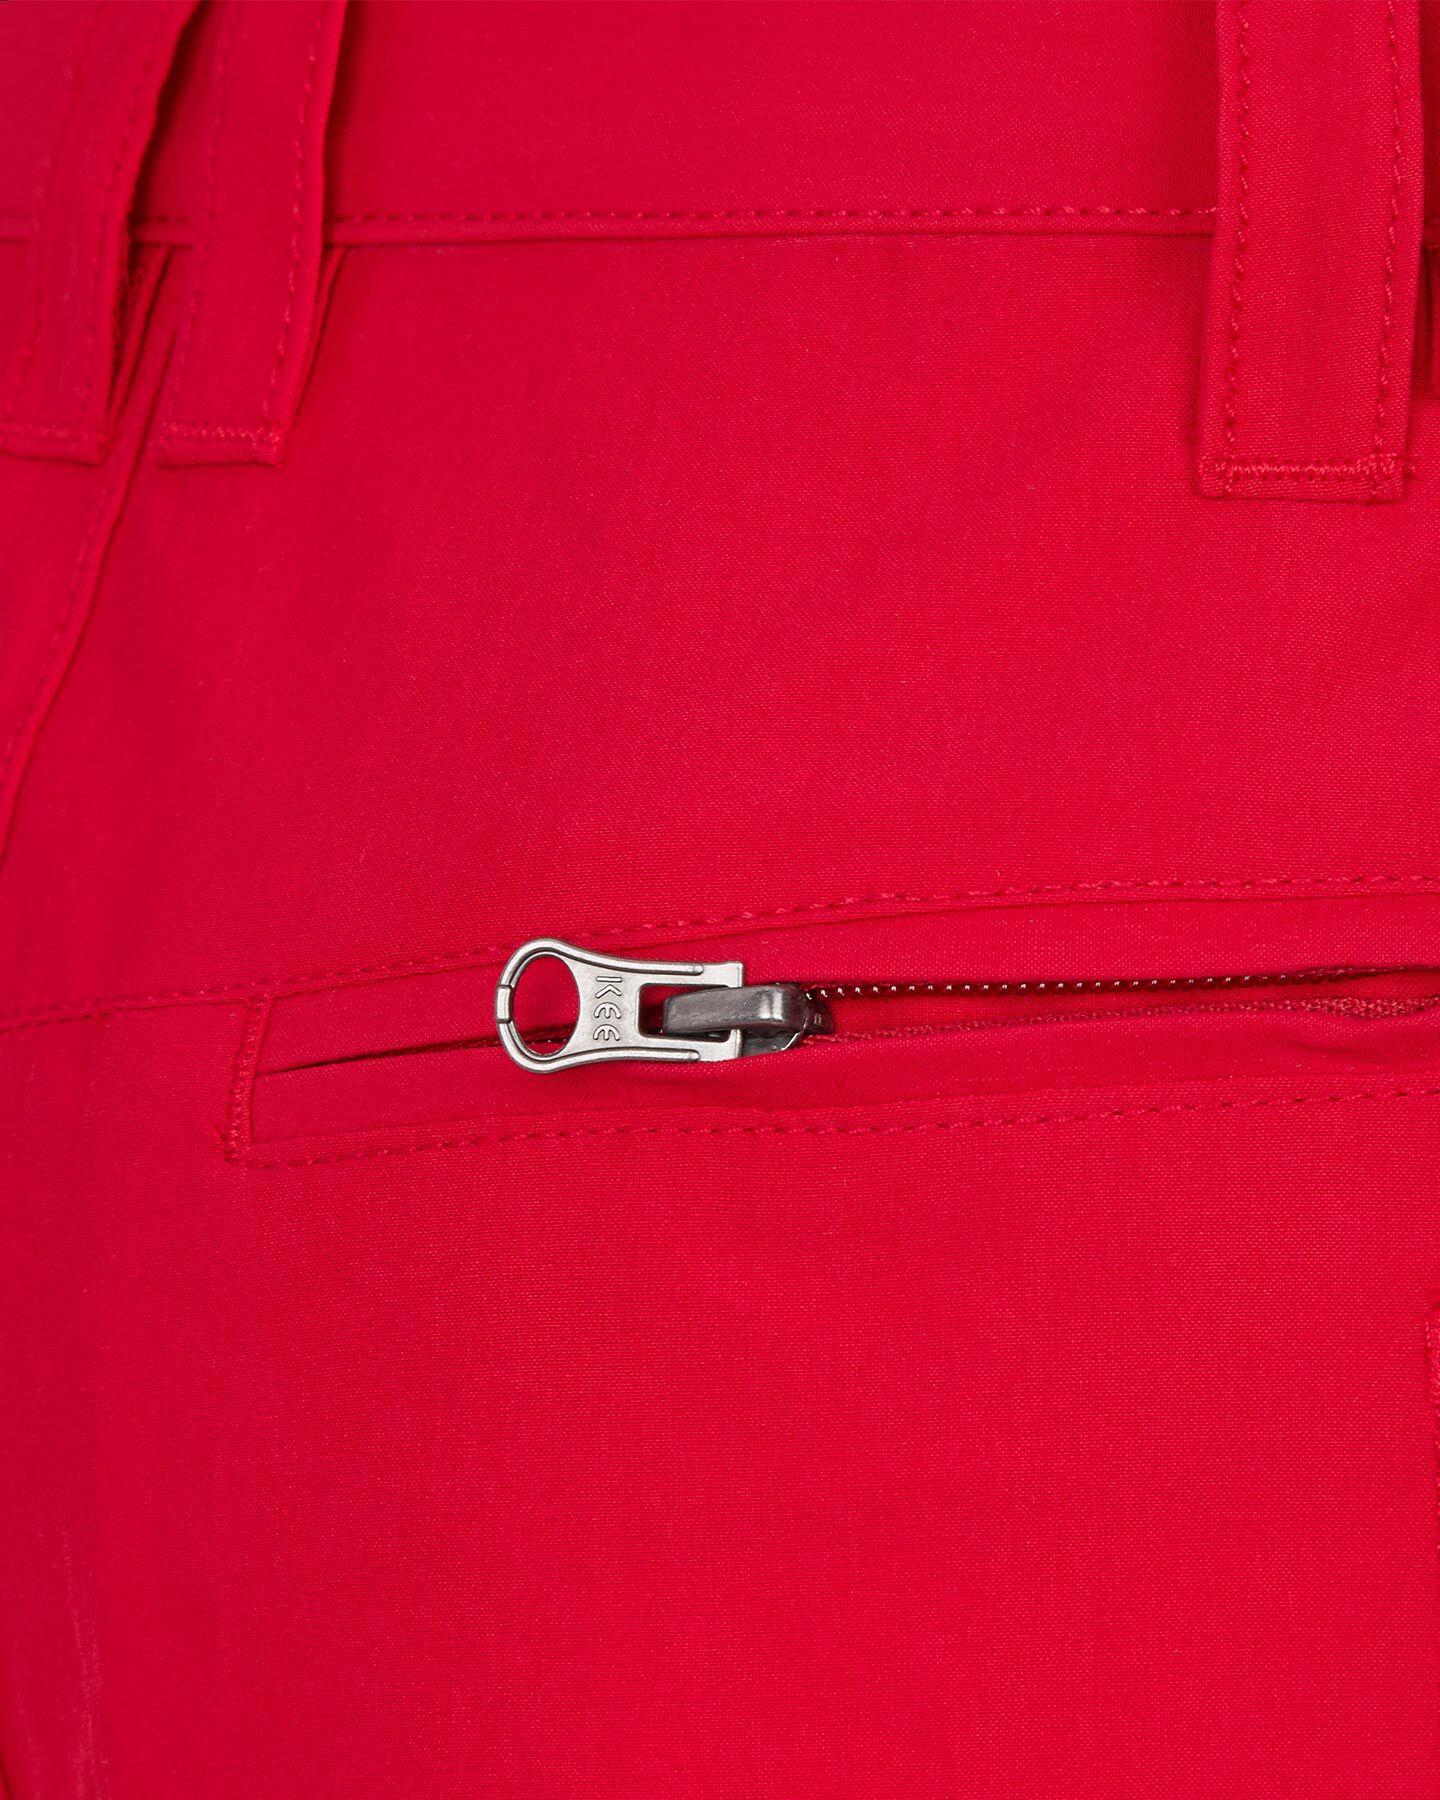 Pantalone outdoor MCKINLEY SCRANTON JR S5158141 scatto 4